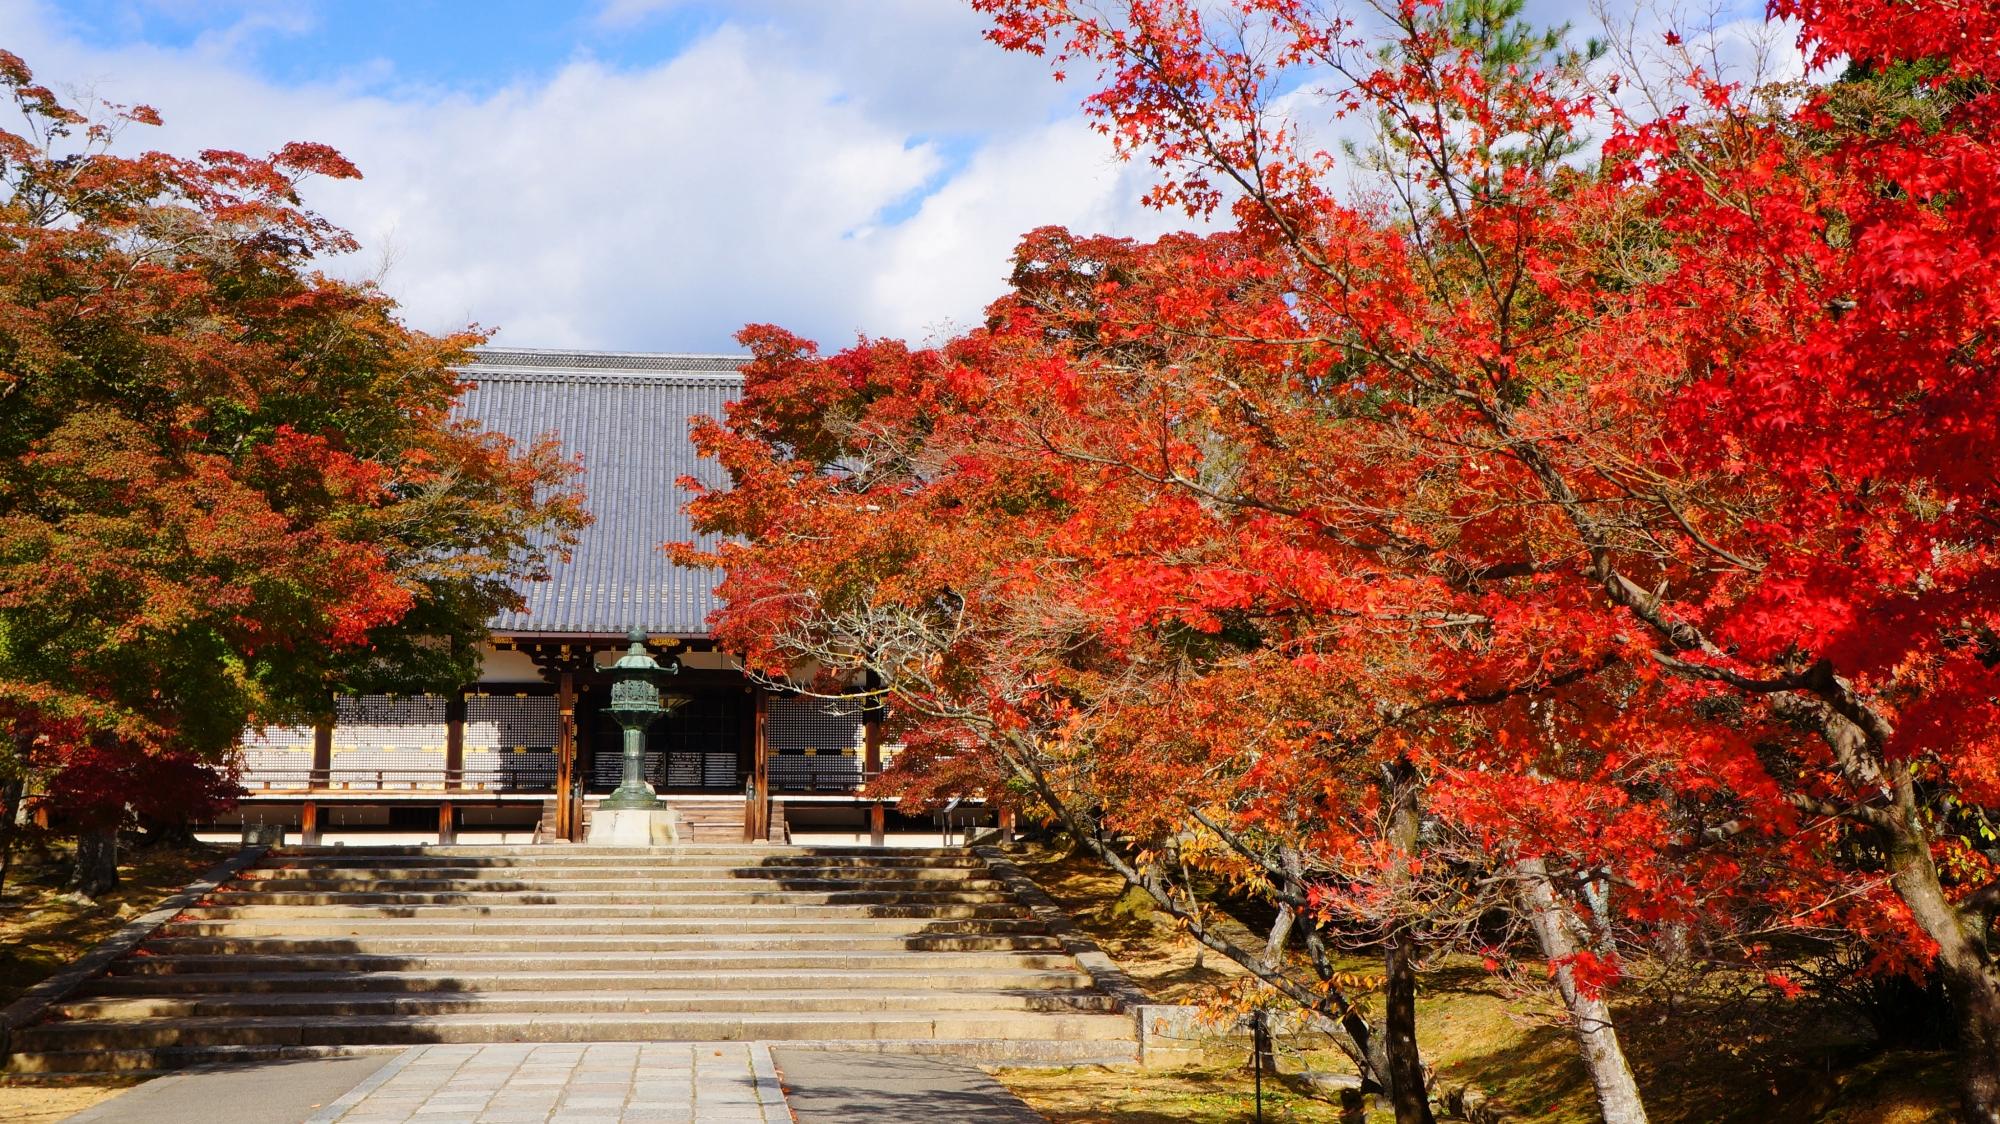 仁和寺の金堂前の溢れる紅葉